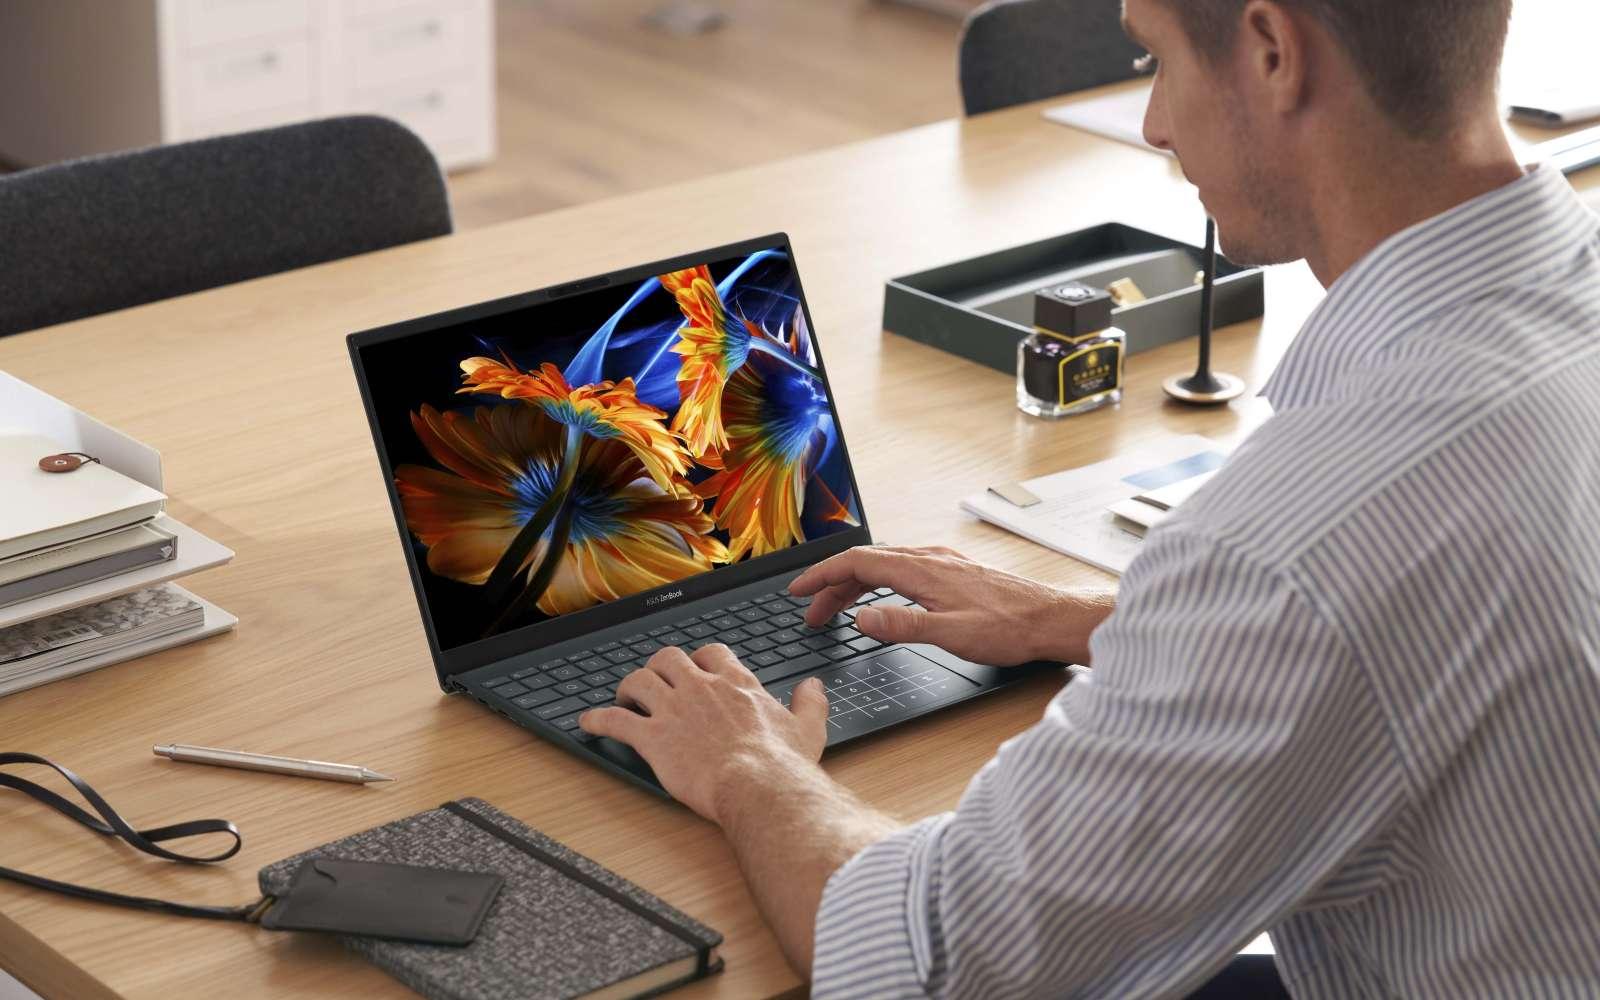 Le ZenBook 13 Oled est très polyvalent et son écran Oled délivre une image exceptionnelle. Pourquoi s'en priver ? © Asus